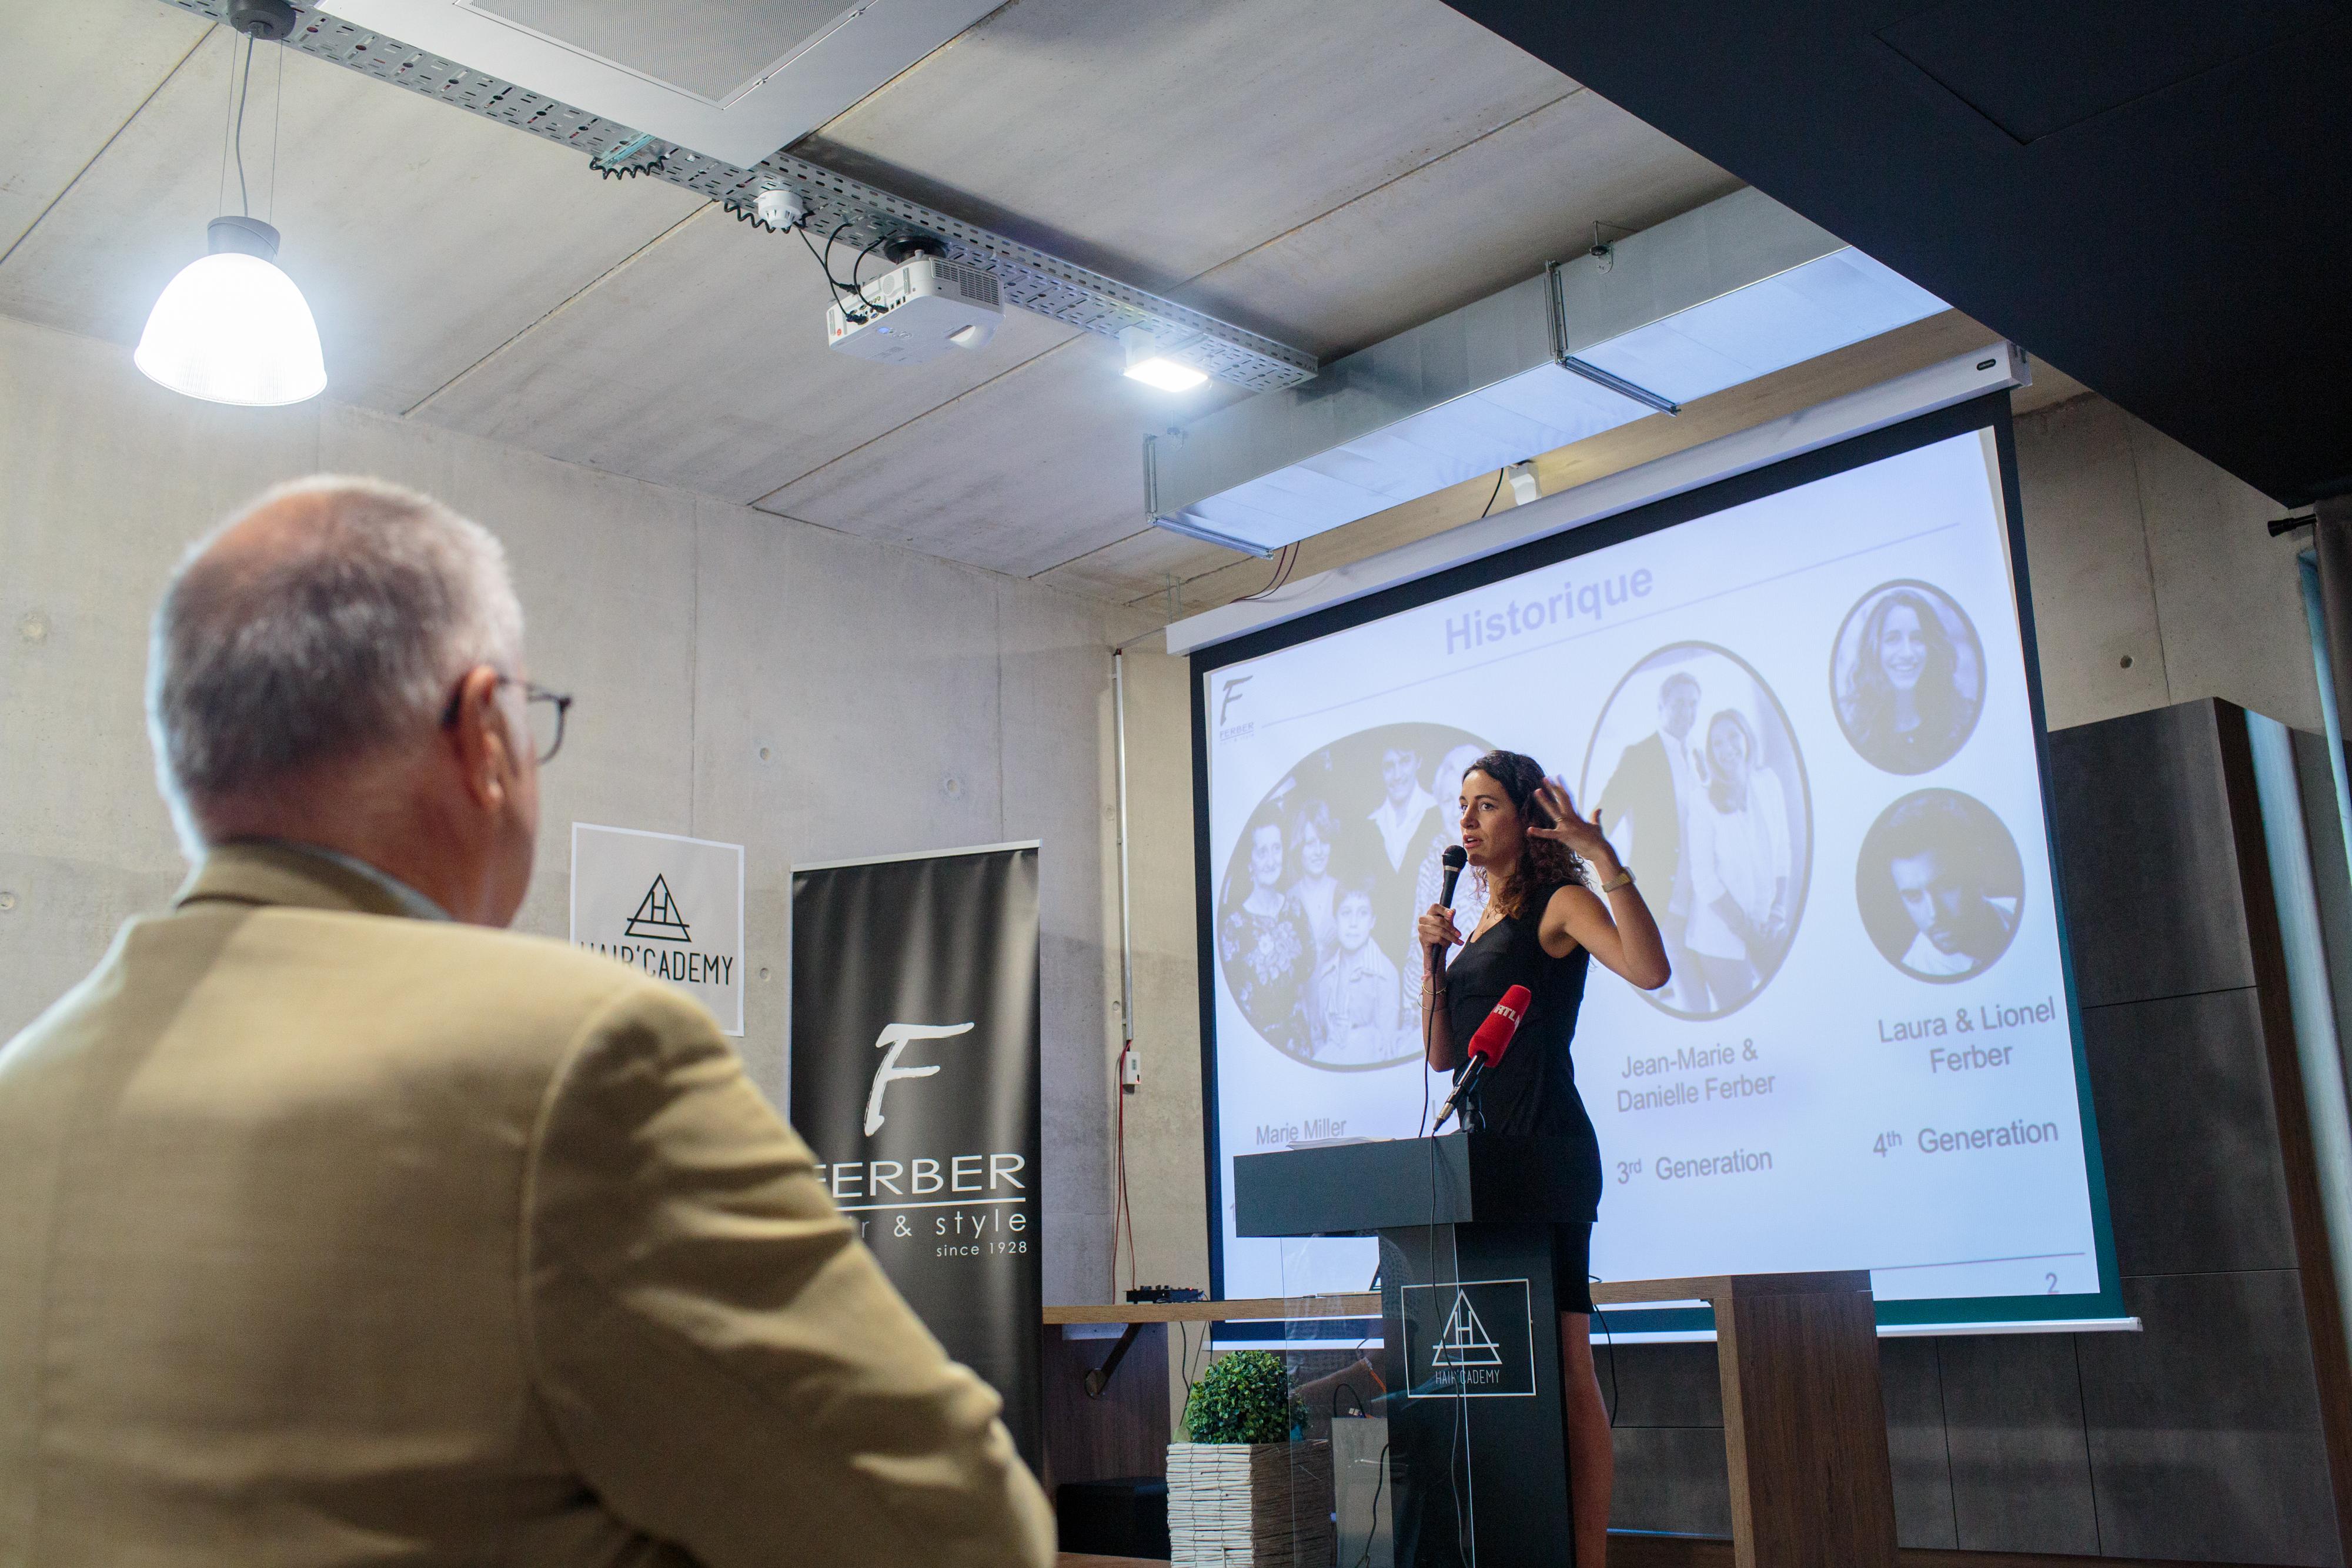 Laura Ferber, Groupe Ferber